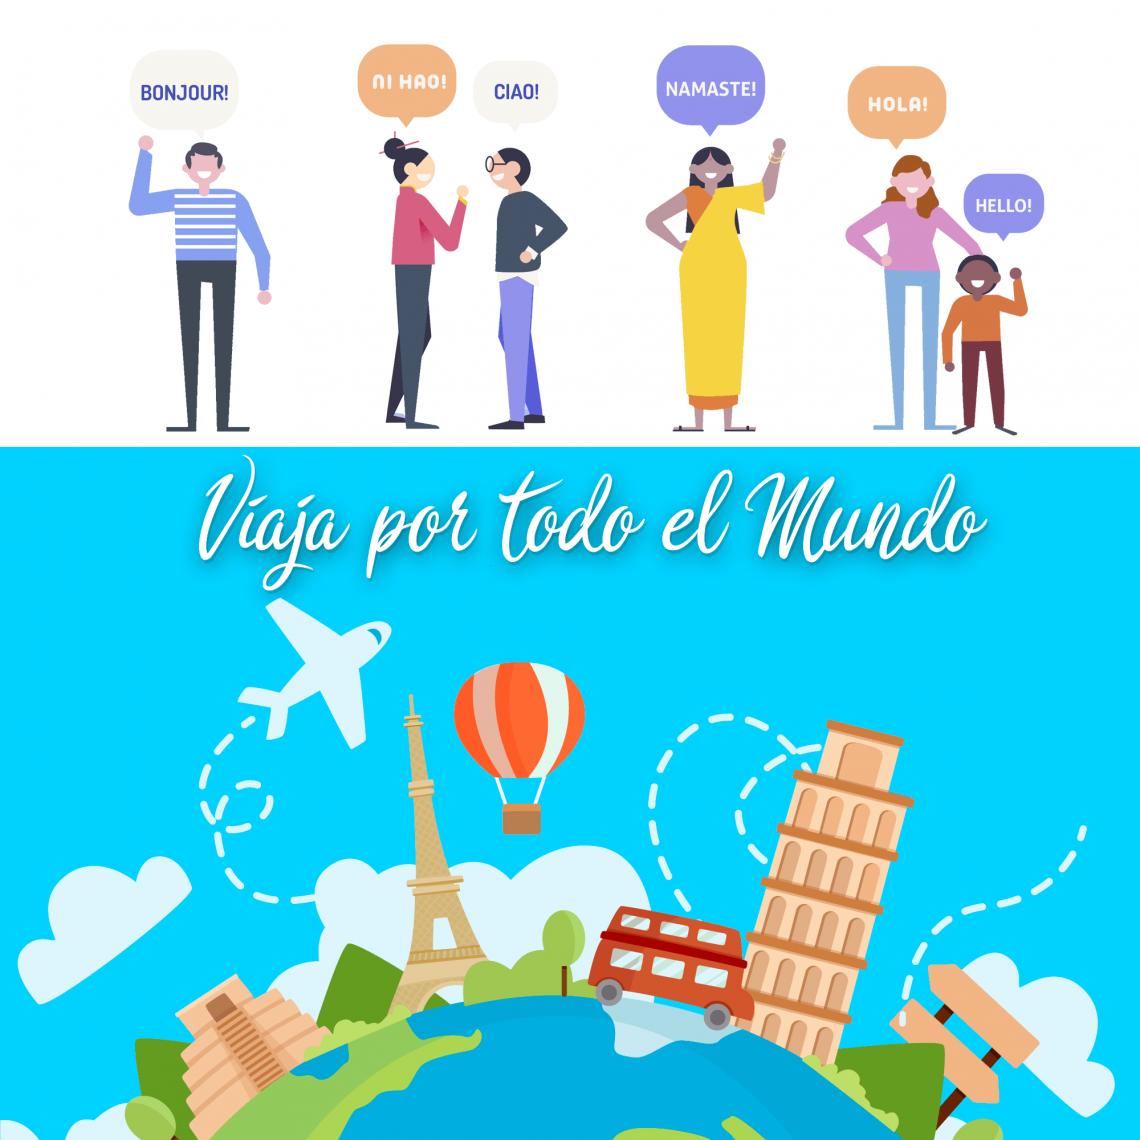 Selección de traductores instantáneos. Viaja por todo el mundo!